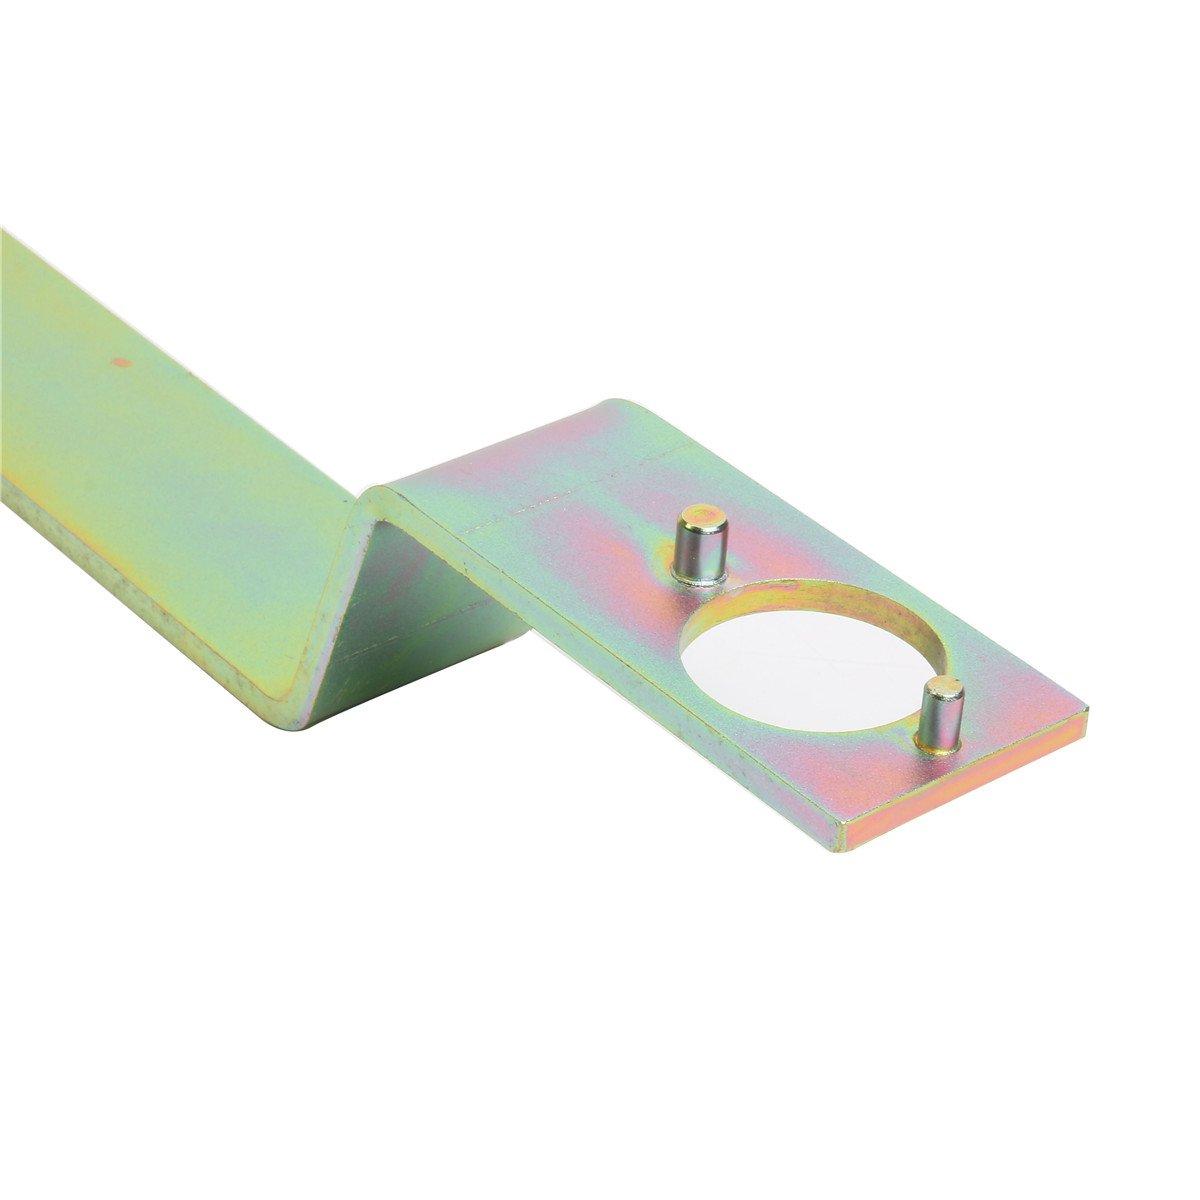 FreeTec A8 S4 Outil de Fixation pour Arbre /à cames A4 A6 A8 S4